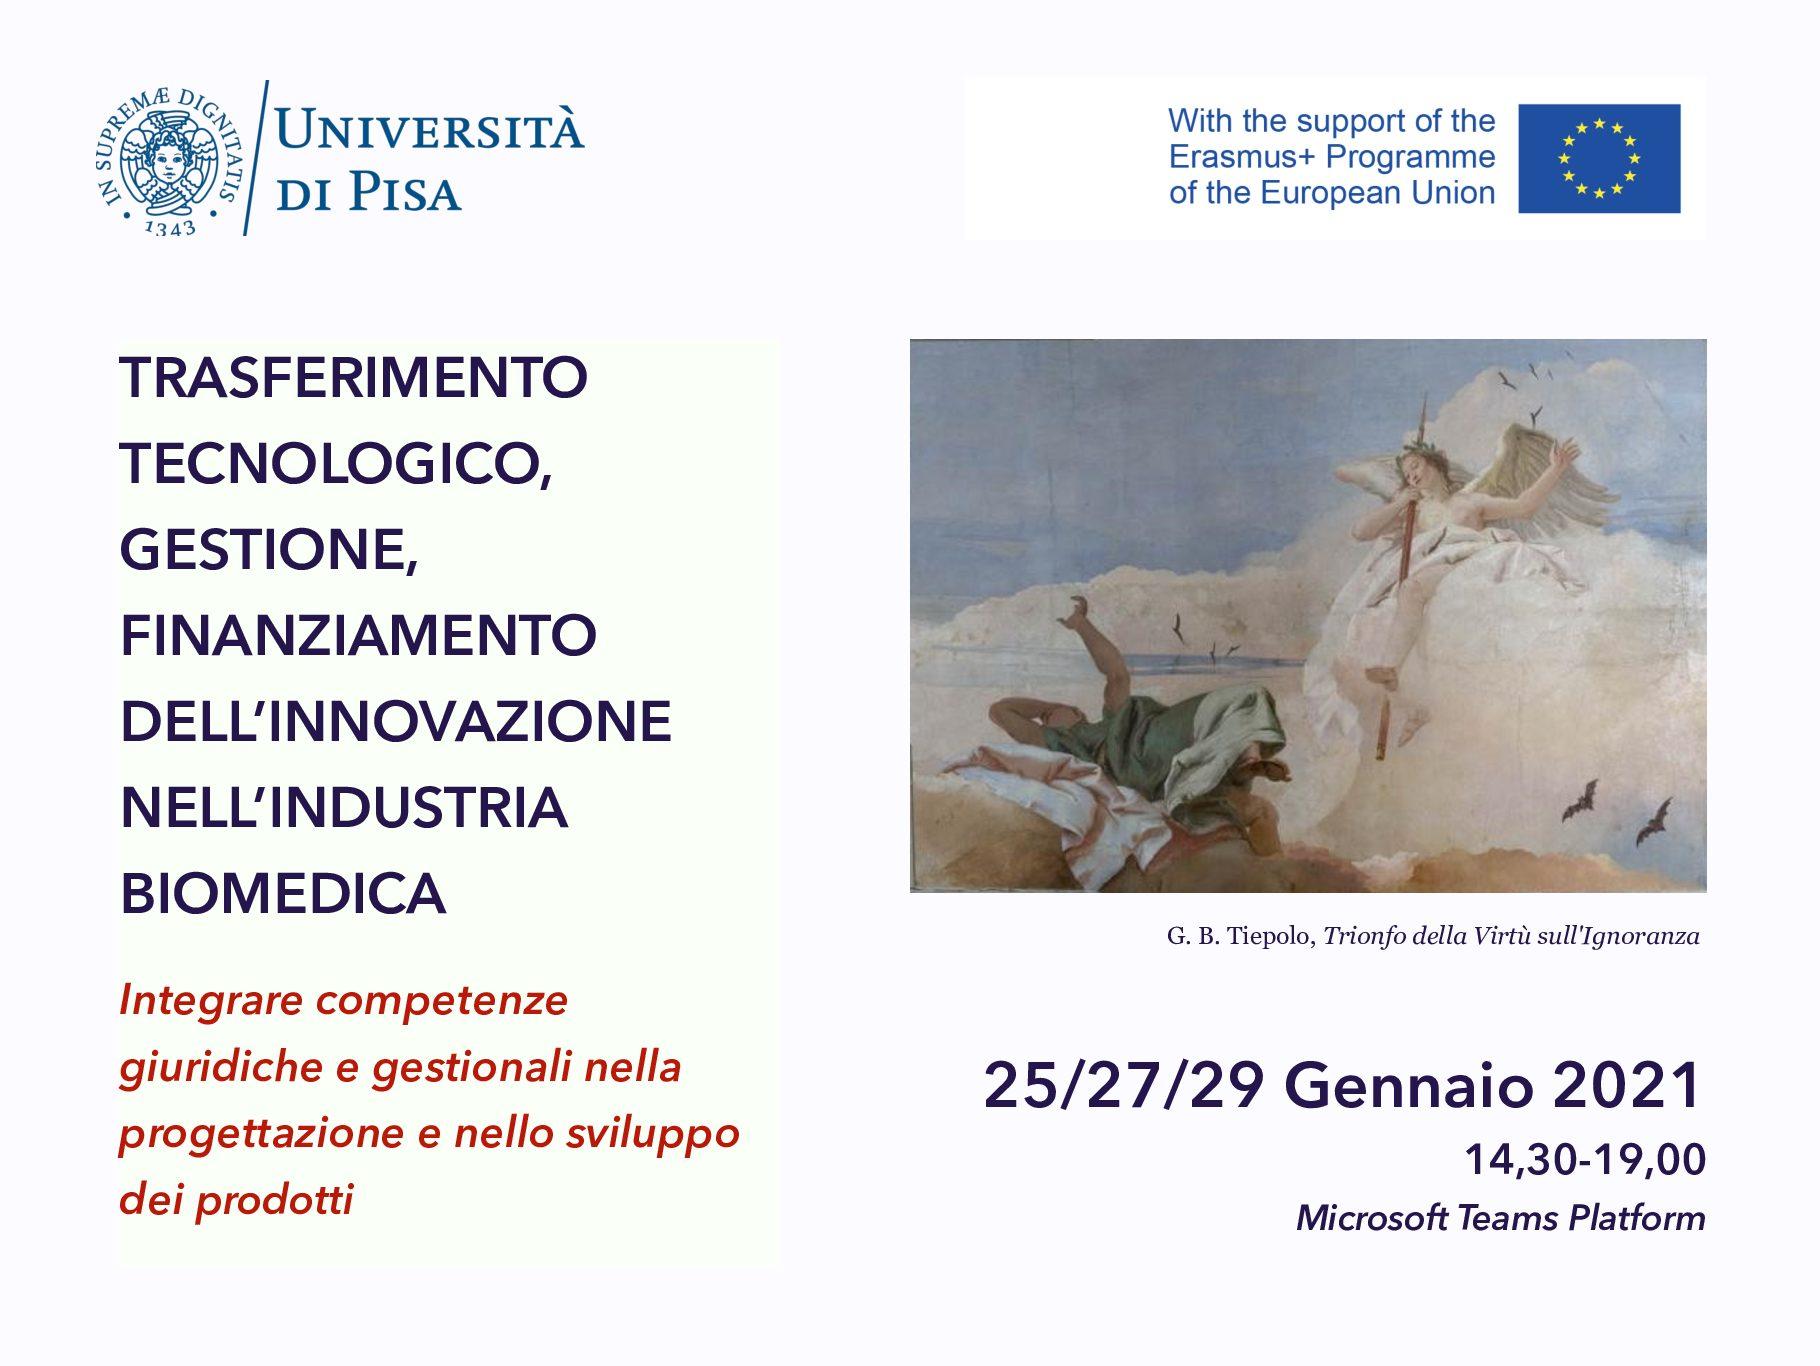 """Corso intensivo """"Trasferimento tecnologico, gestione, finanziamento dell'innovazione nell'industria biomedica"""" – 25/27/29 gennaio 2021"""